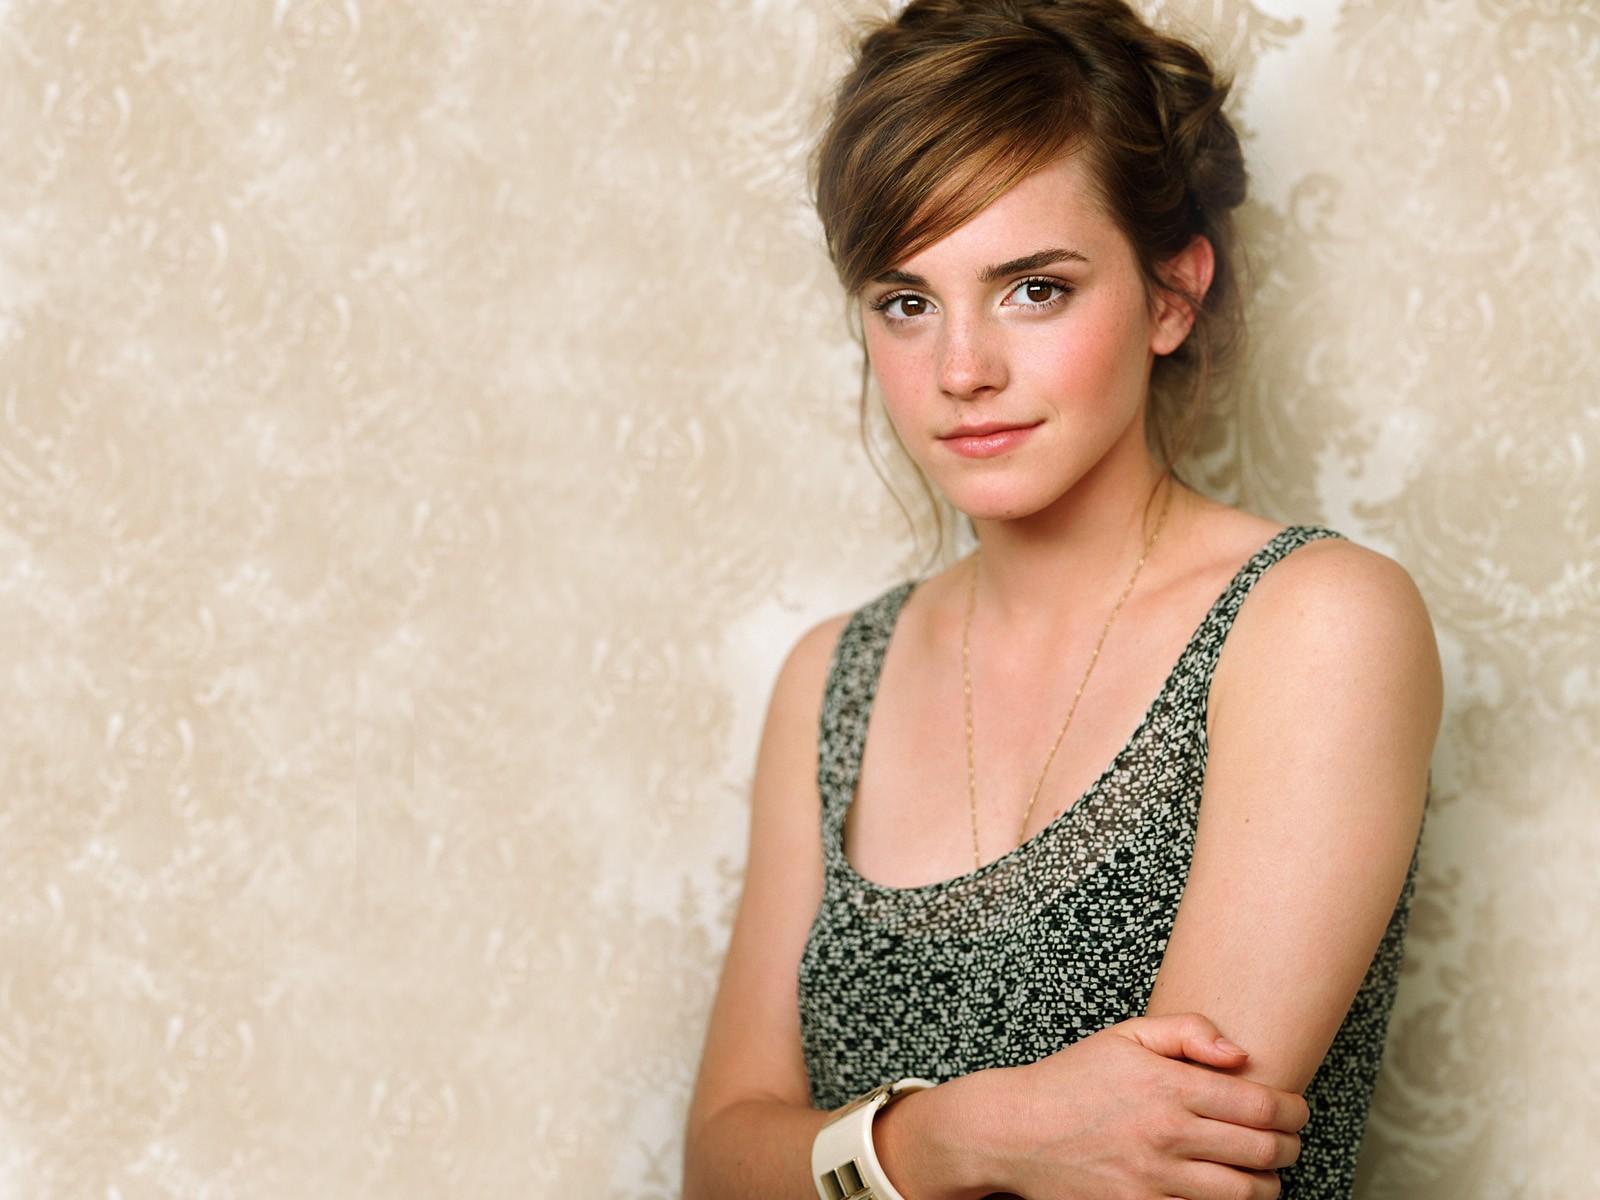 Hintergrundbilder : Frau, Modell-, Porträt, lange Haare, Blick auf ...